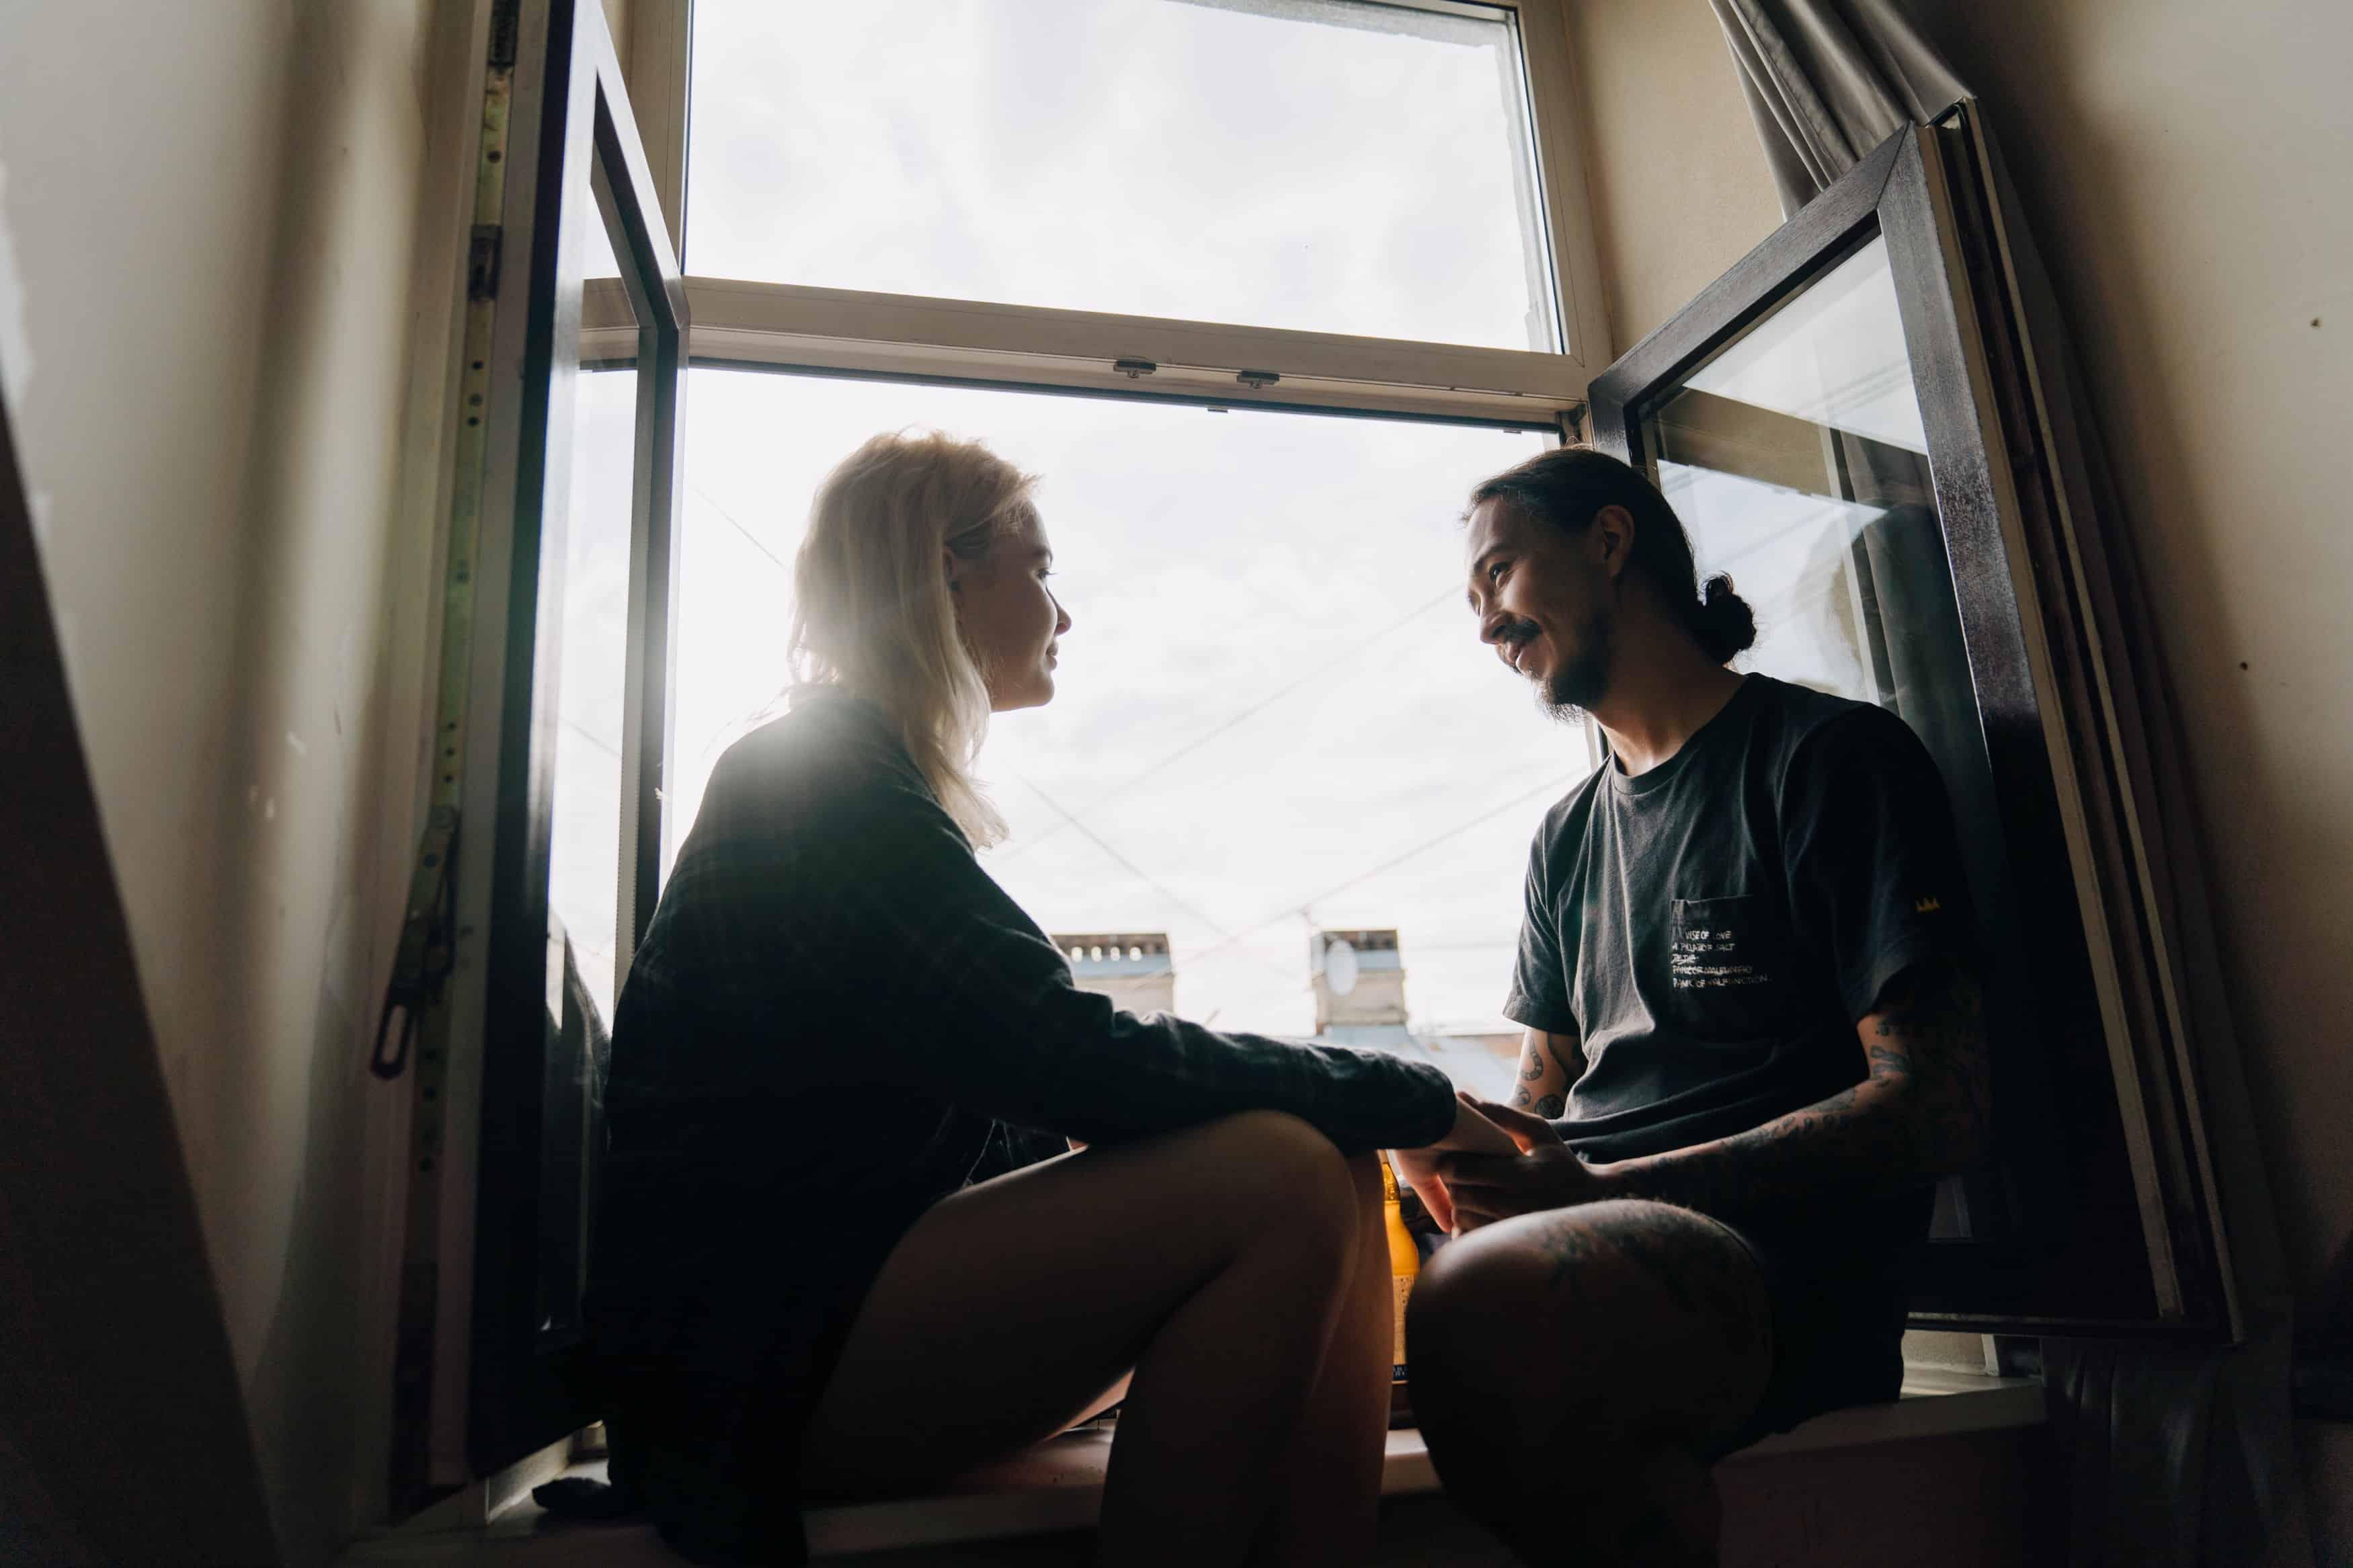 eine Frau, die einem Mann Dankbarkeit zeigt, während sie zusammen auf der Fensterbank sitzt